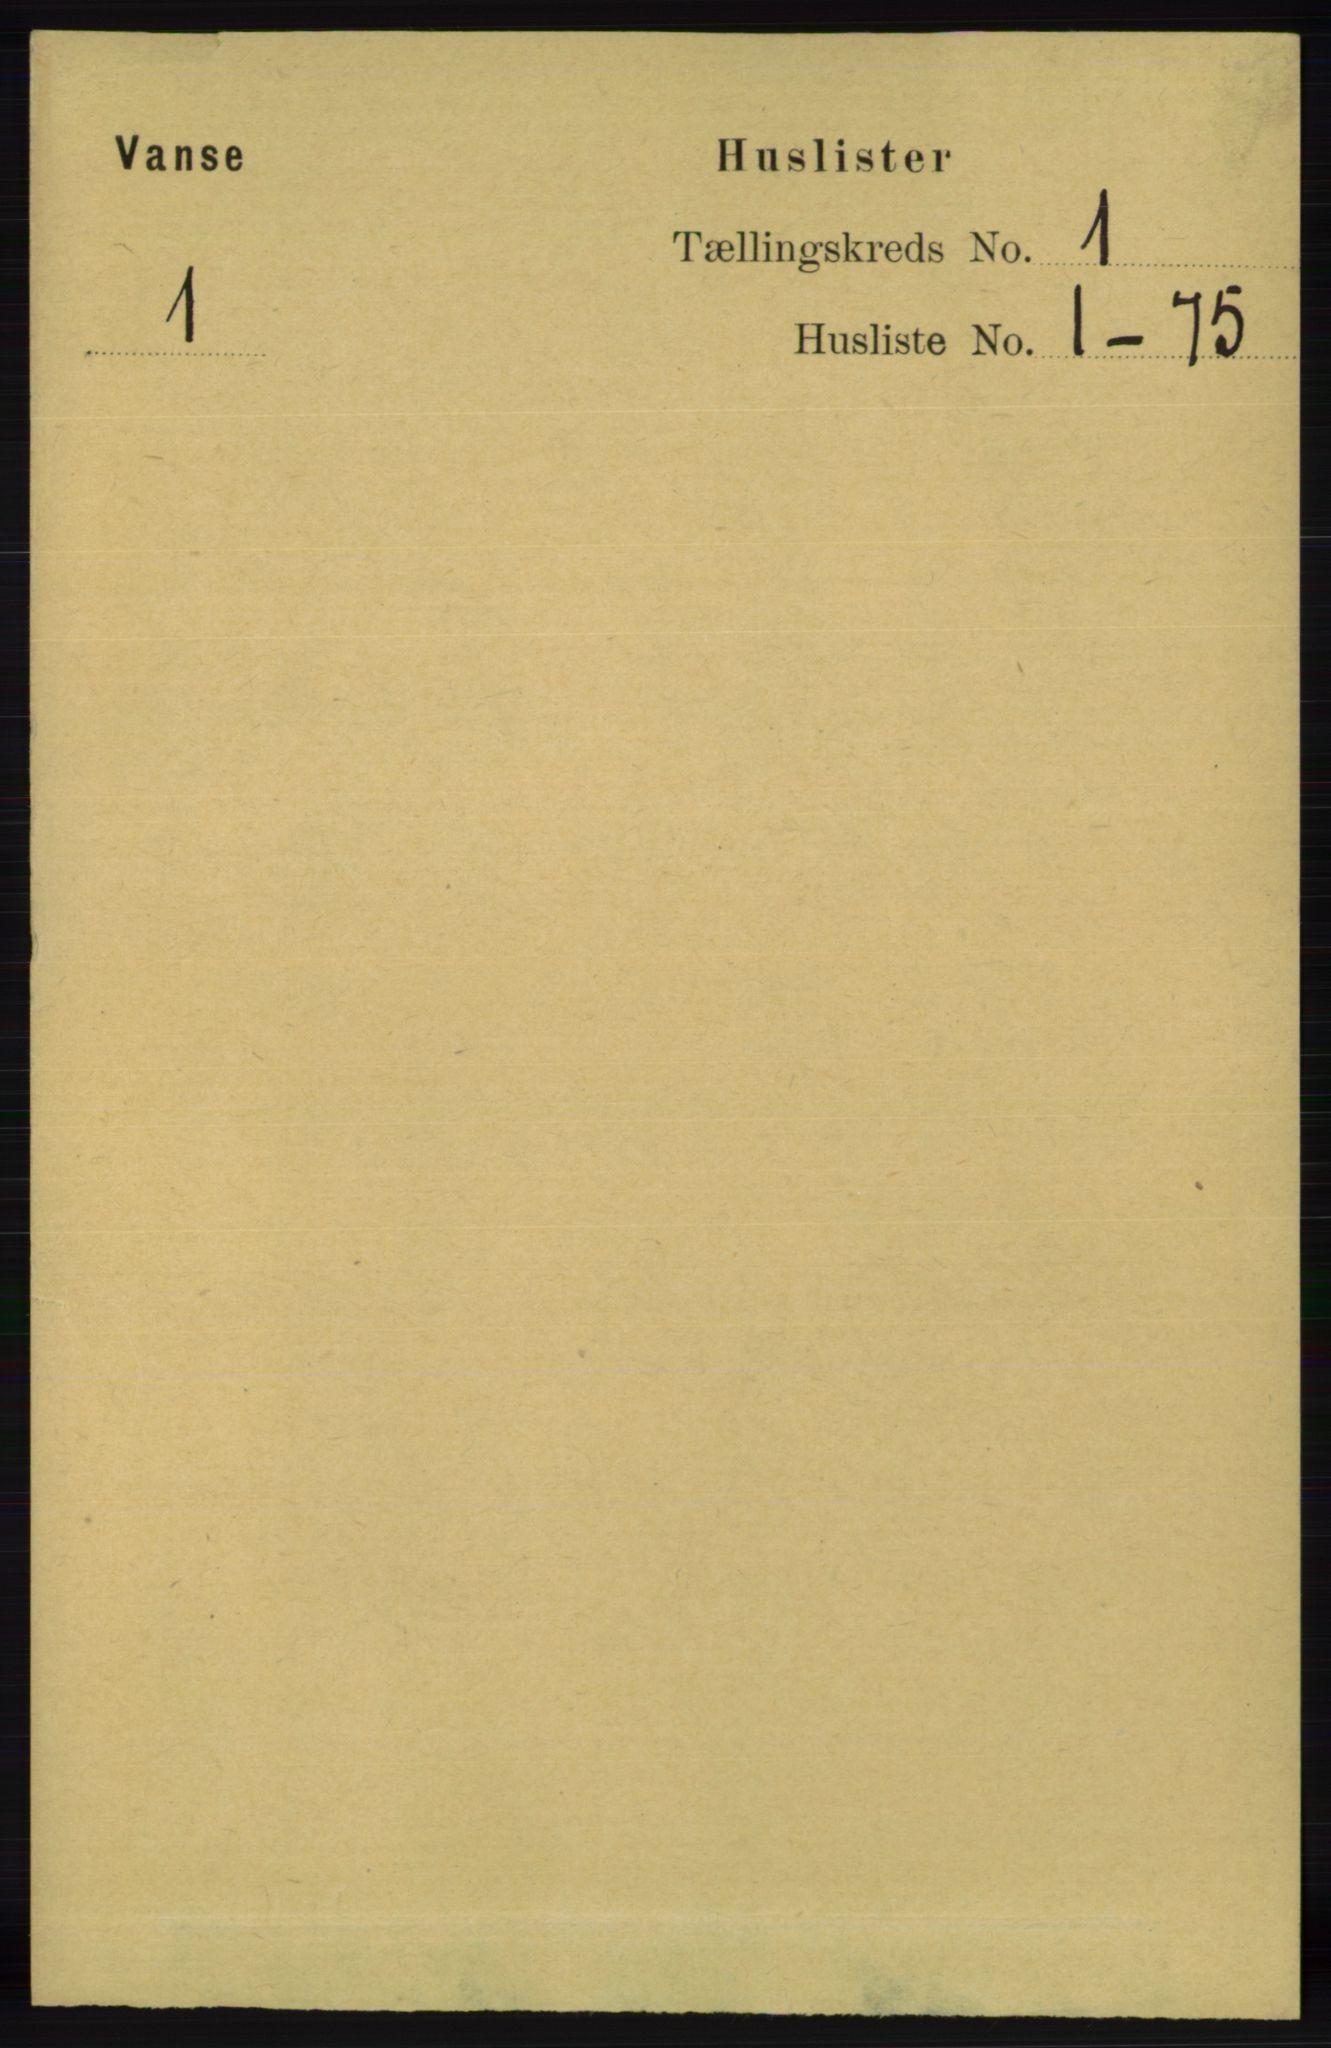 RA, Folketelling 1891 for 1041 Vanse herred, 1891, s. 49